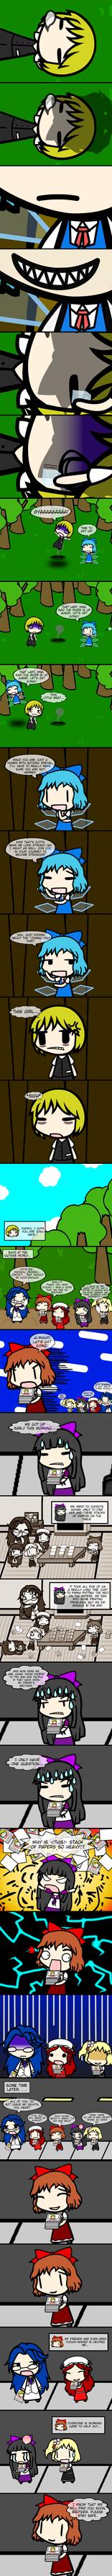 Walfas: A Lurking Past 8-4 by ShinKong